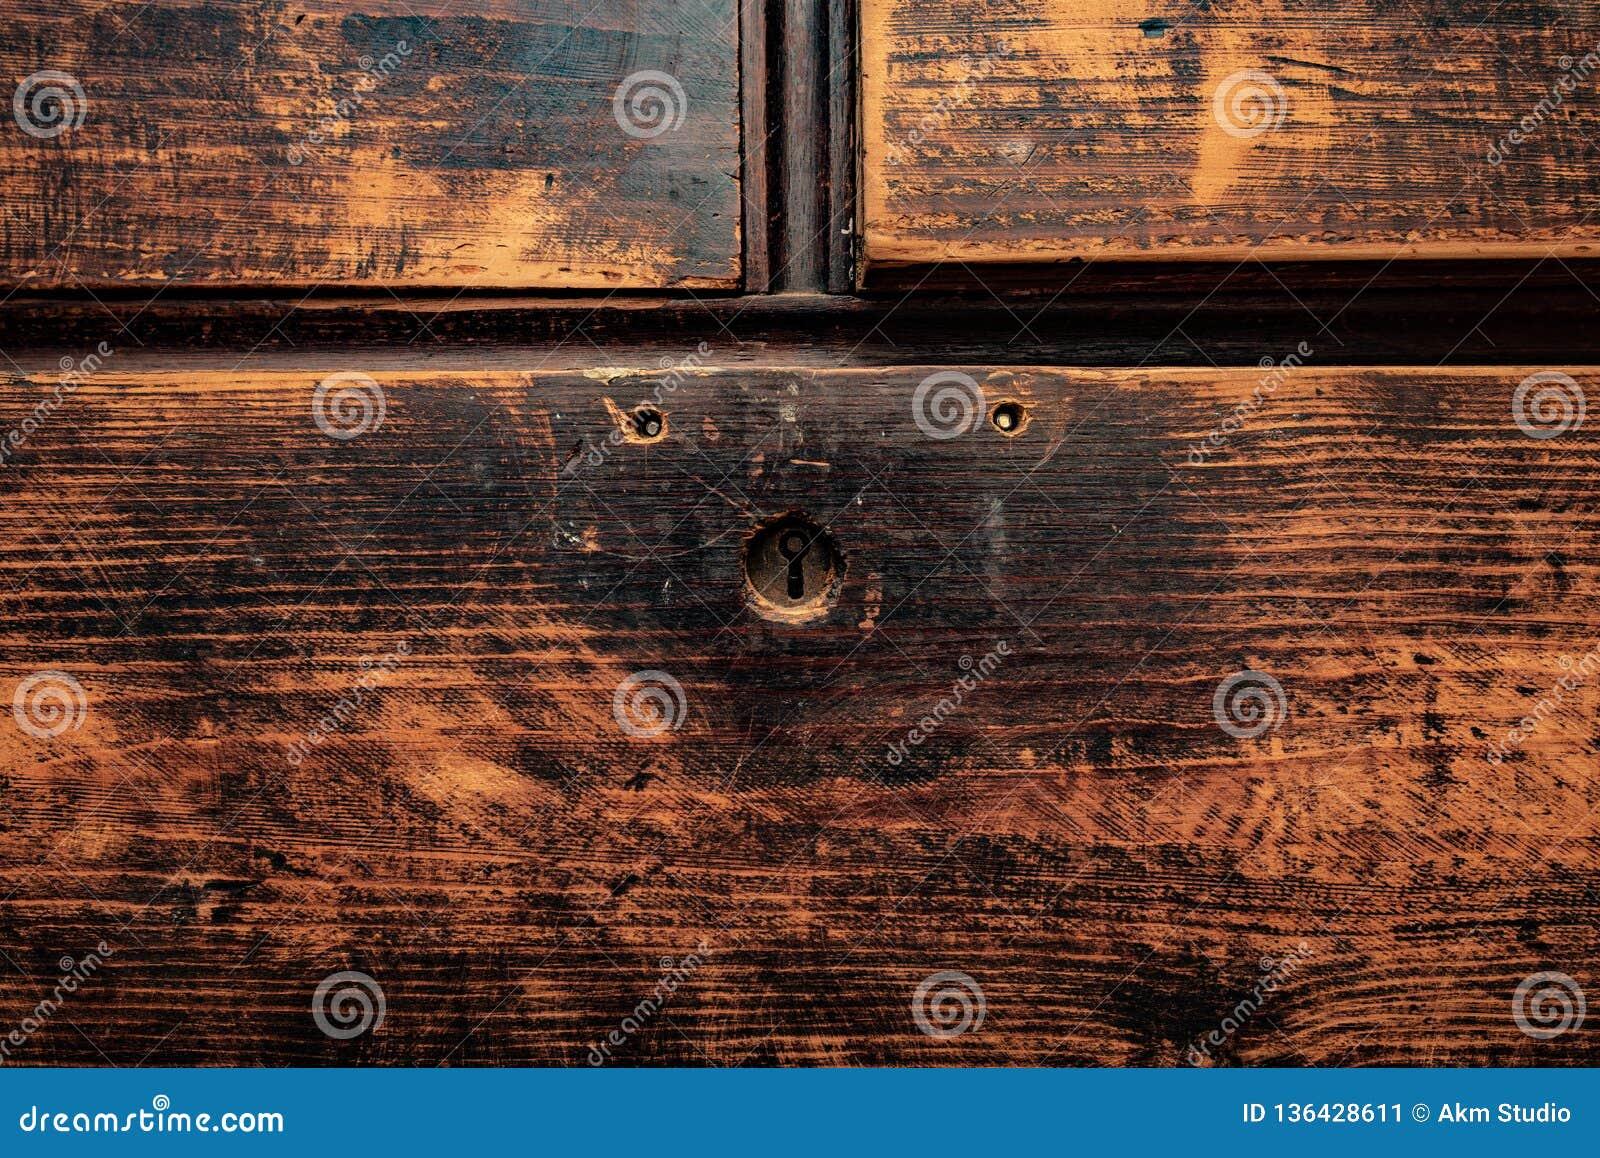 Vieux Panneau Vieux Meubles Restauration Image Stock